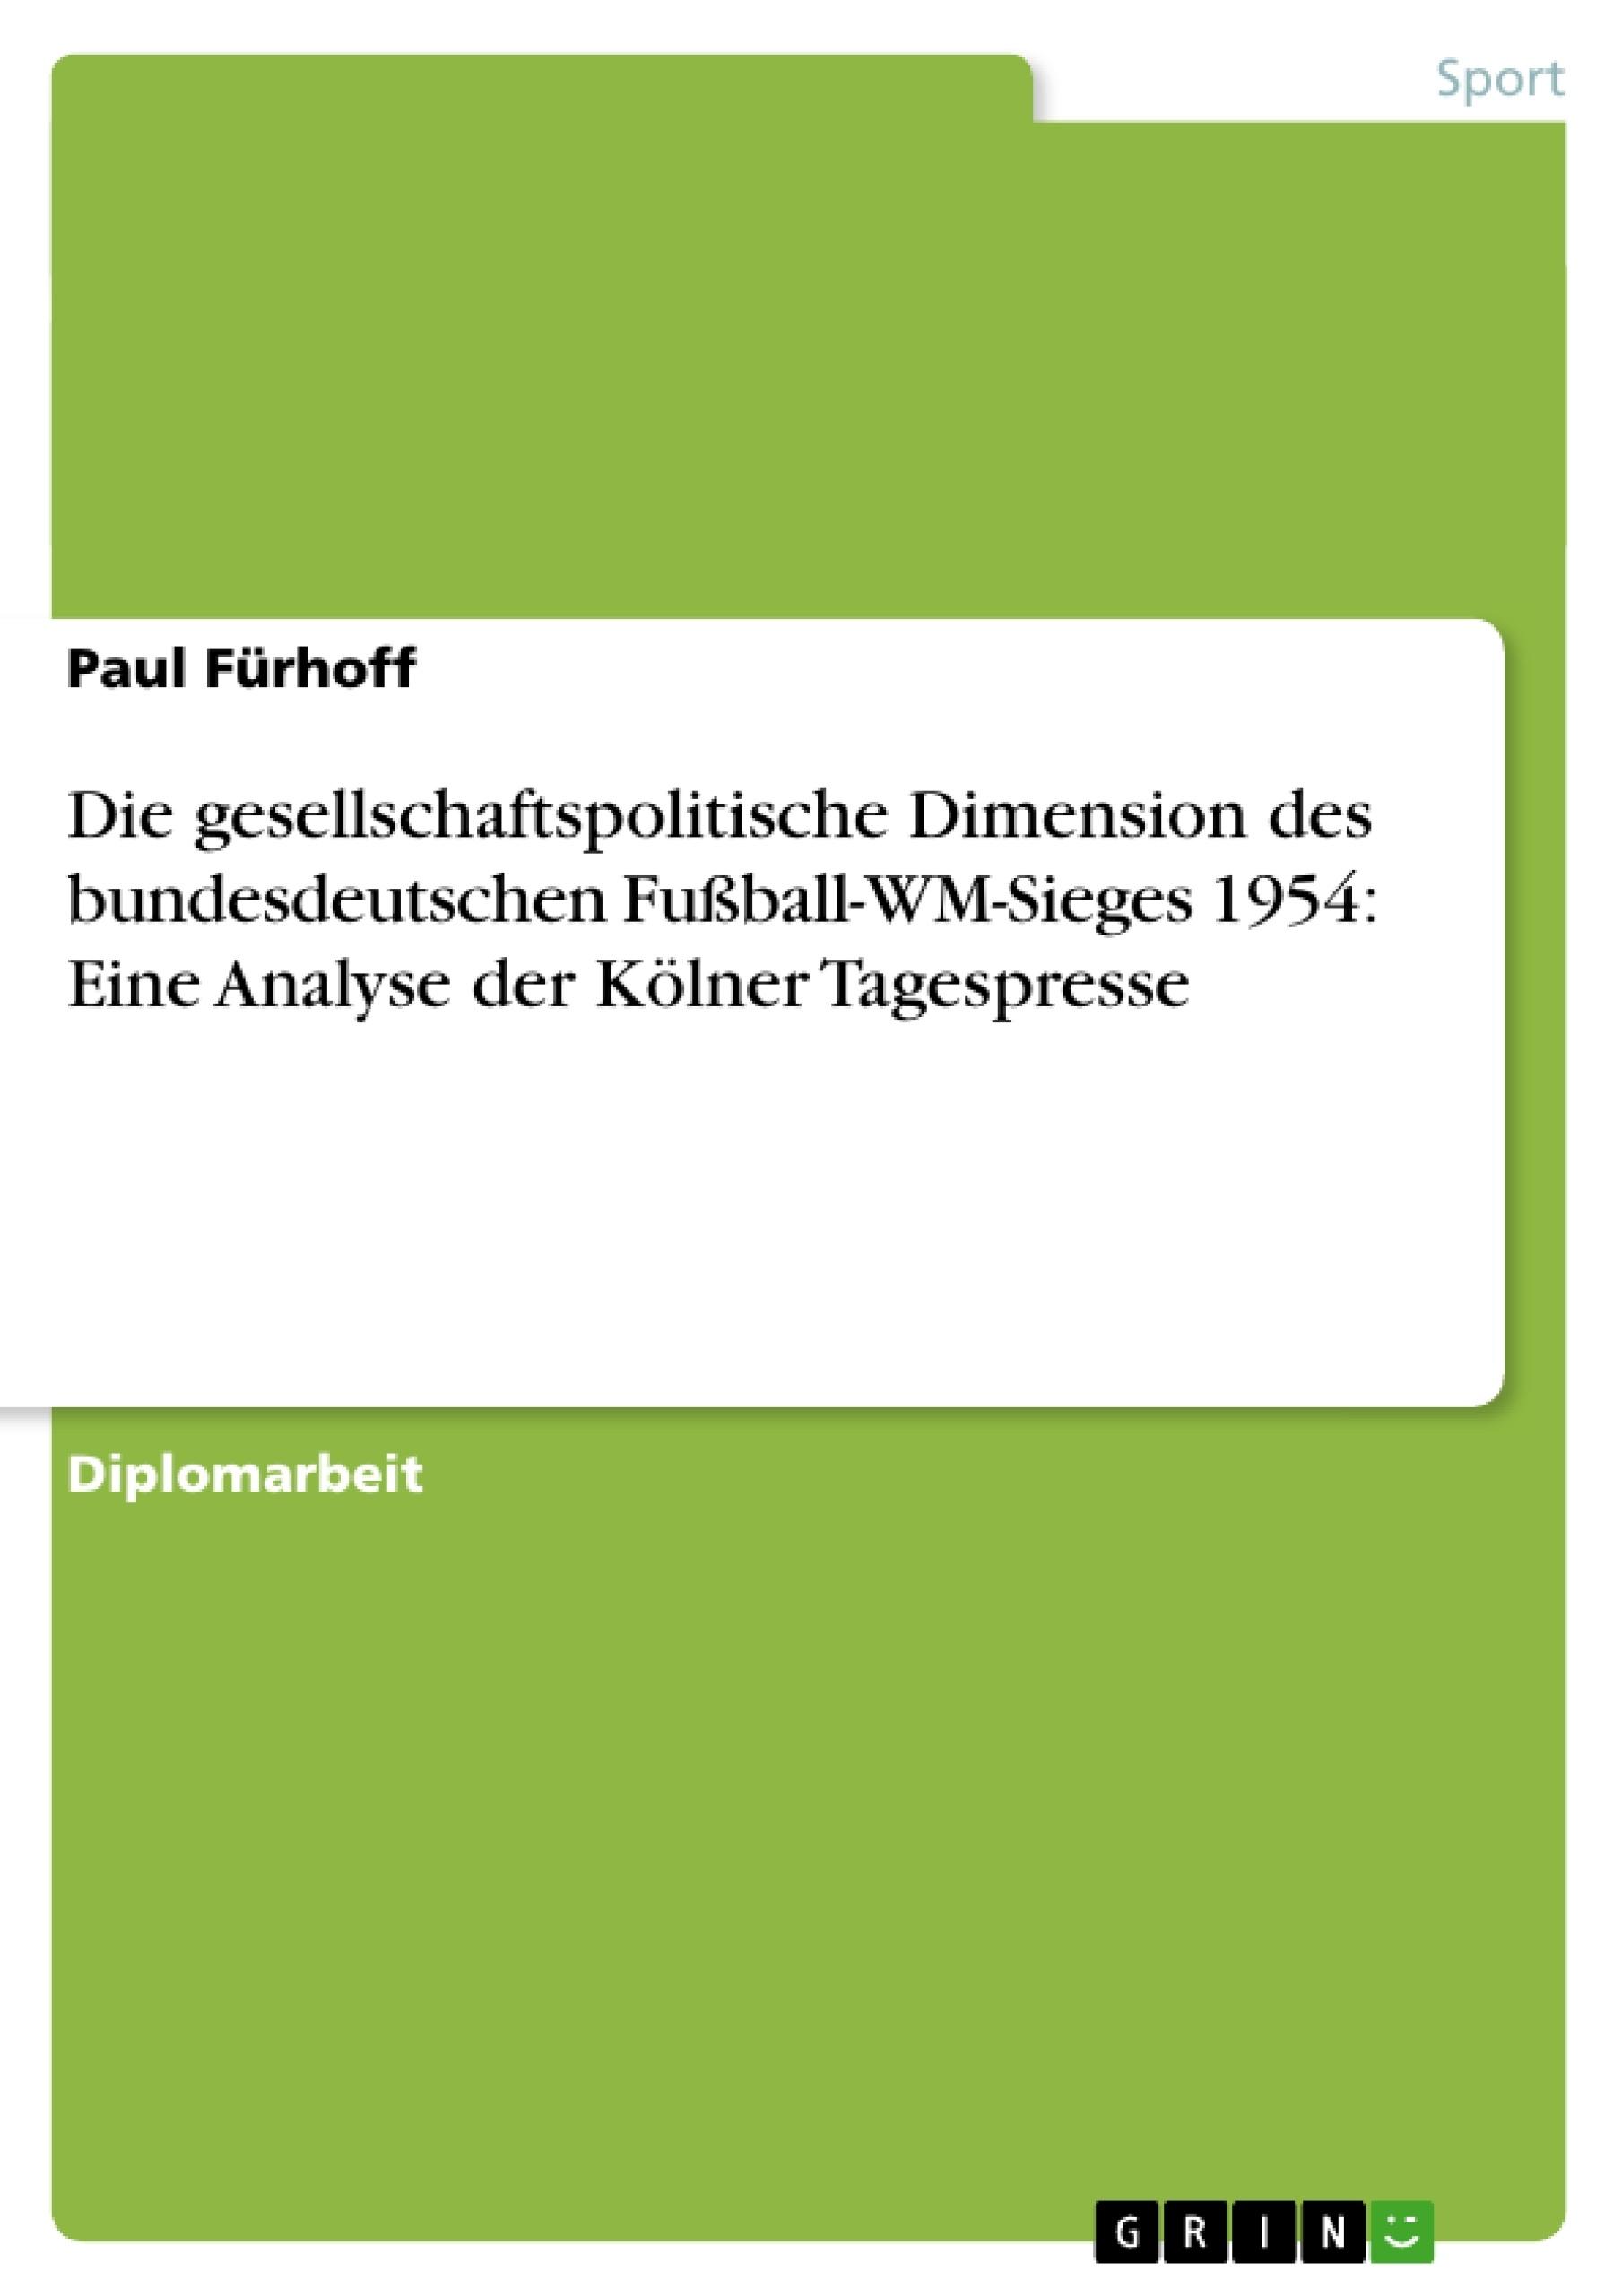 Titel: Die gesellschaftspolitische Dimension des bundesdeutschen Fußball-WM-Sieges 1954: Eine Analyse der Kölner Tagespresse